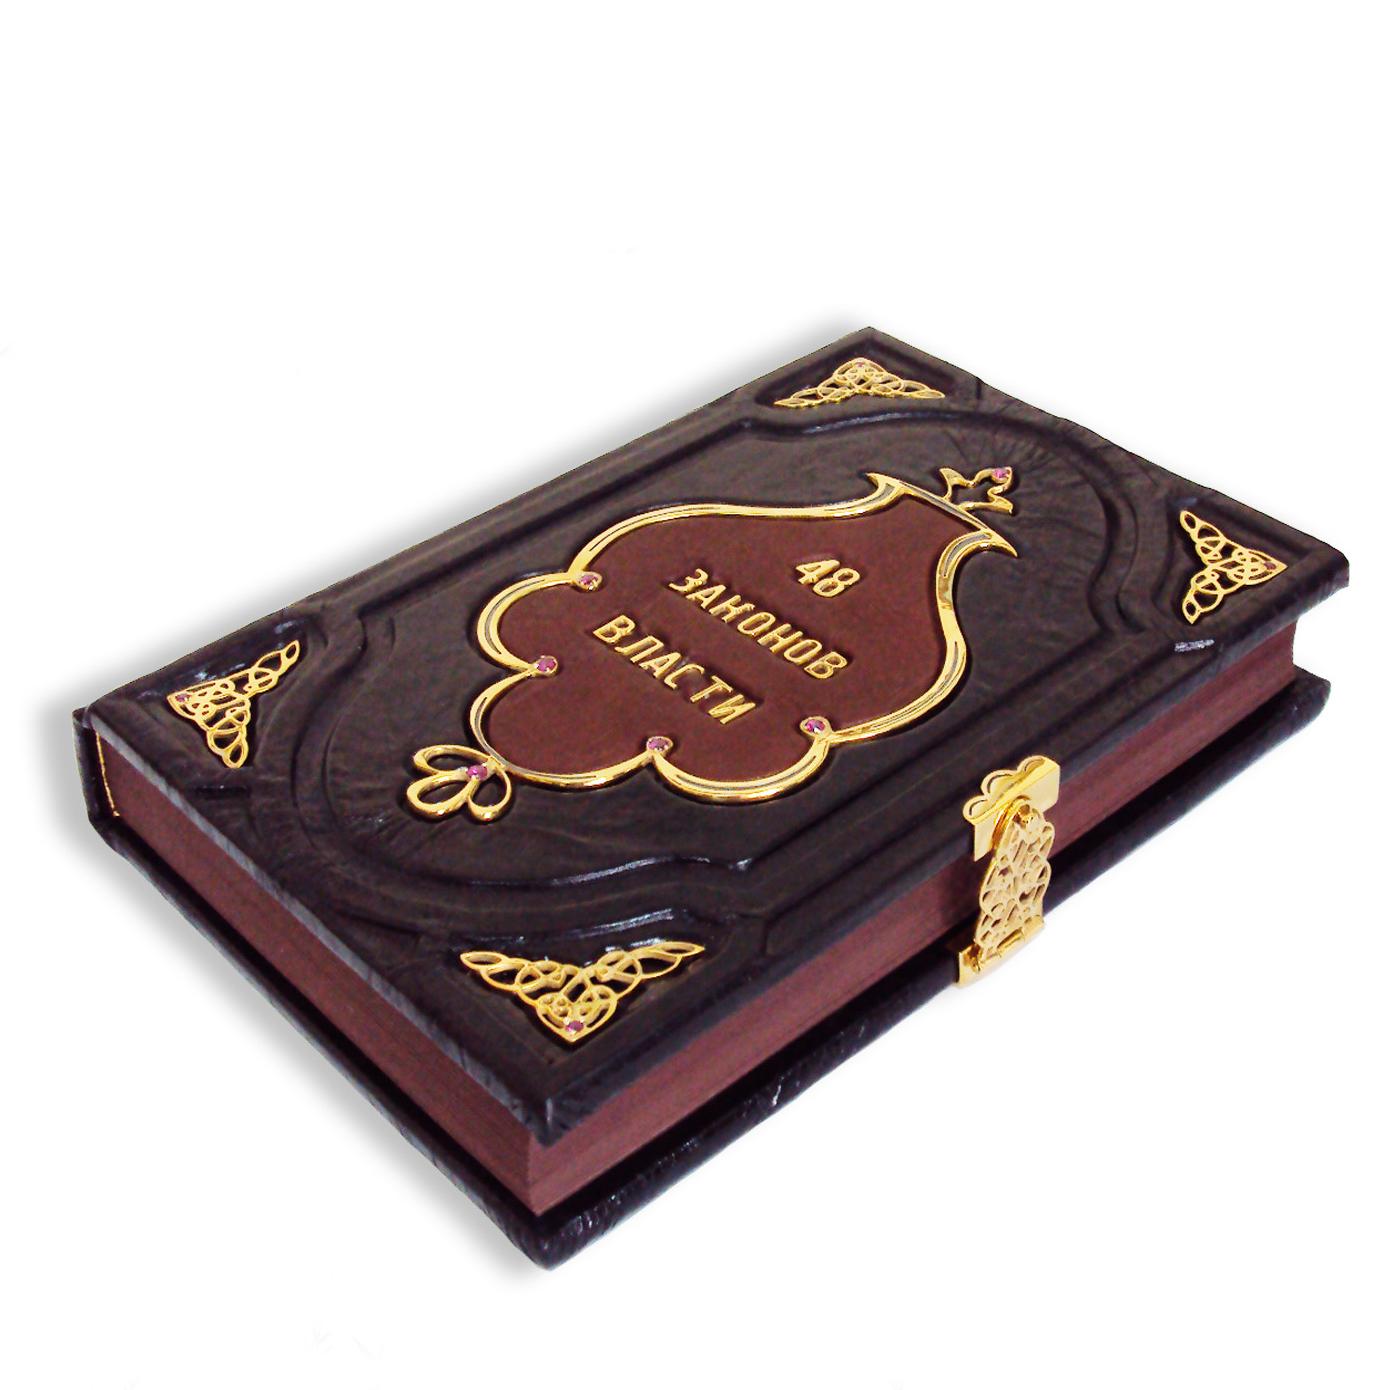 Книга «48 законів влади» у шкіряній палітурці